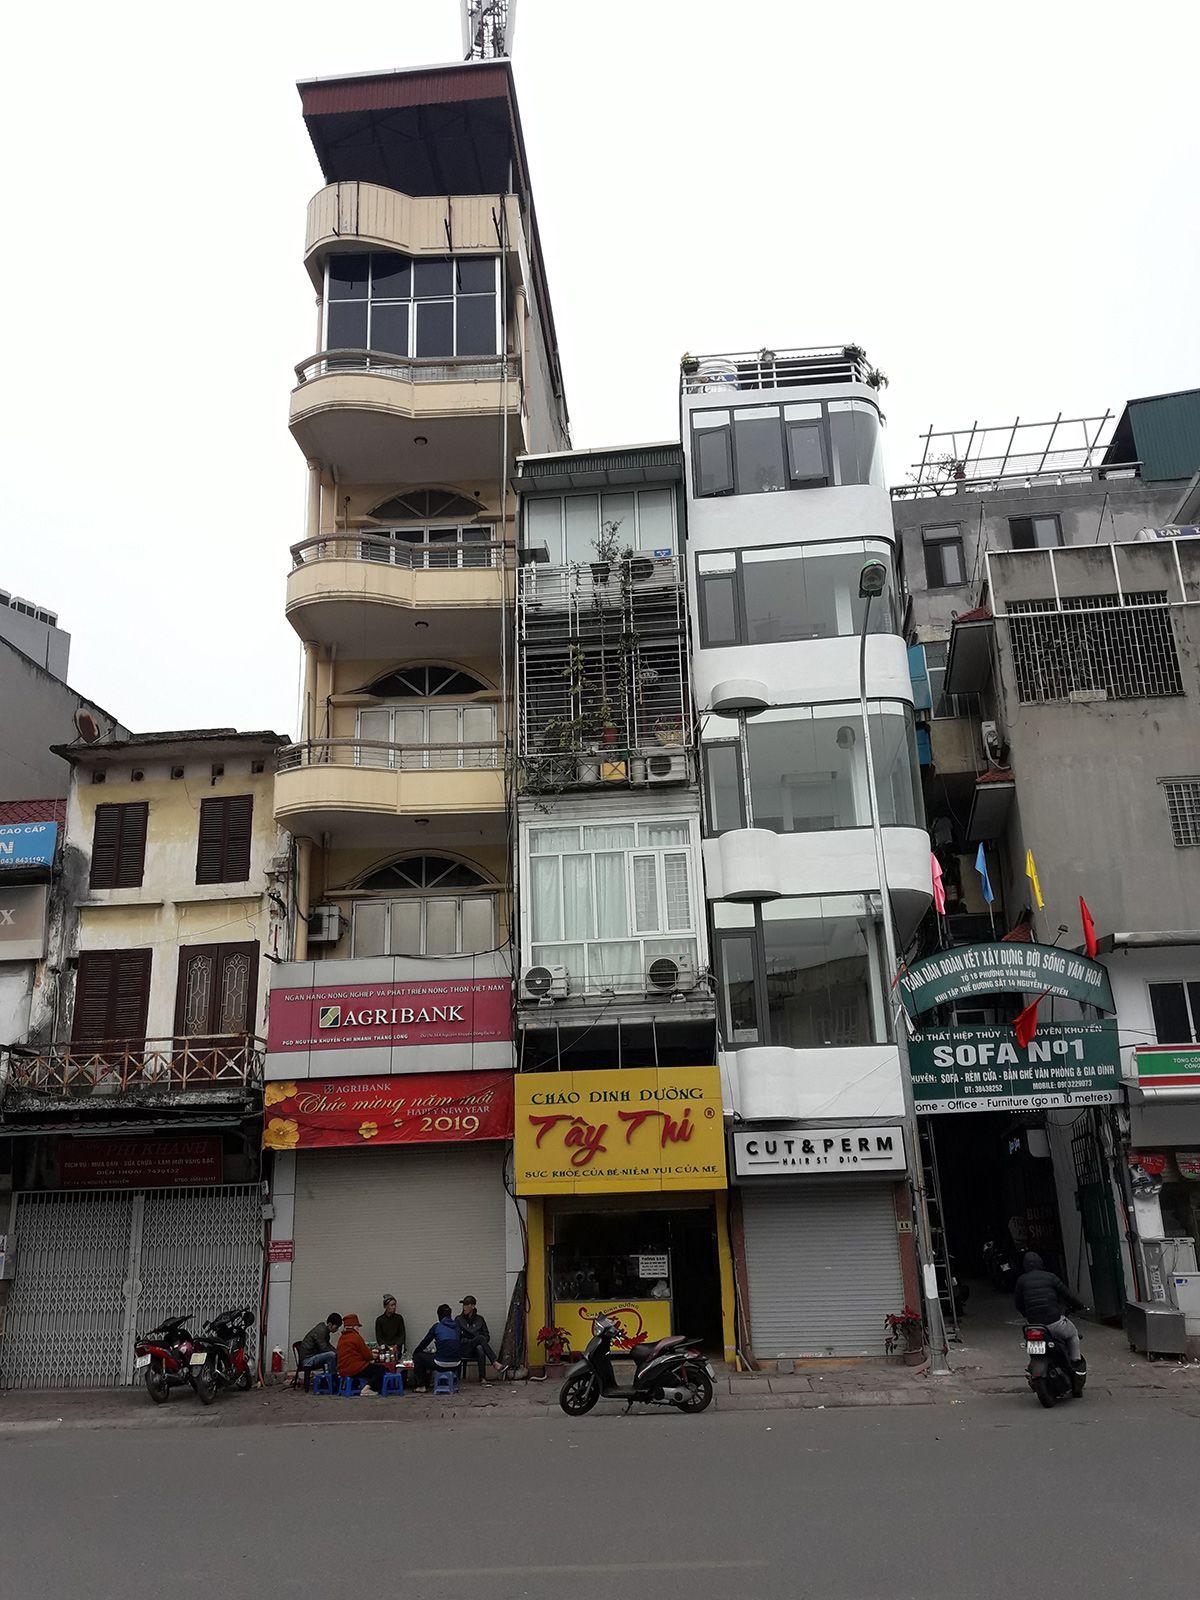 La vivienda parece ser uno de los grandes problemas que persisten en Vietnam. Foto: Raquel Pérez.